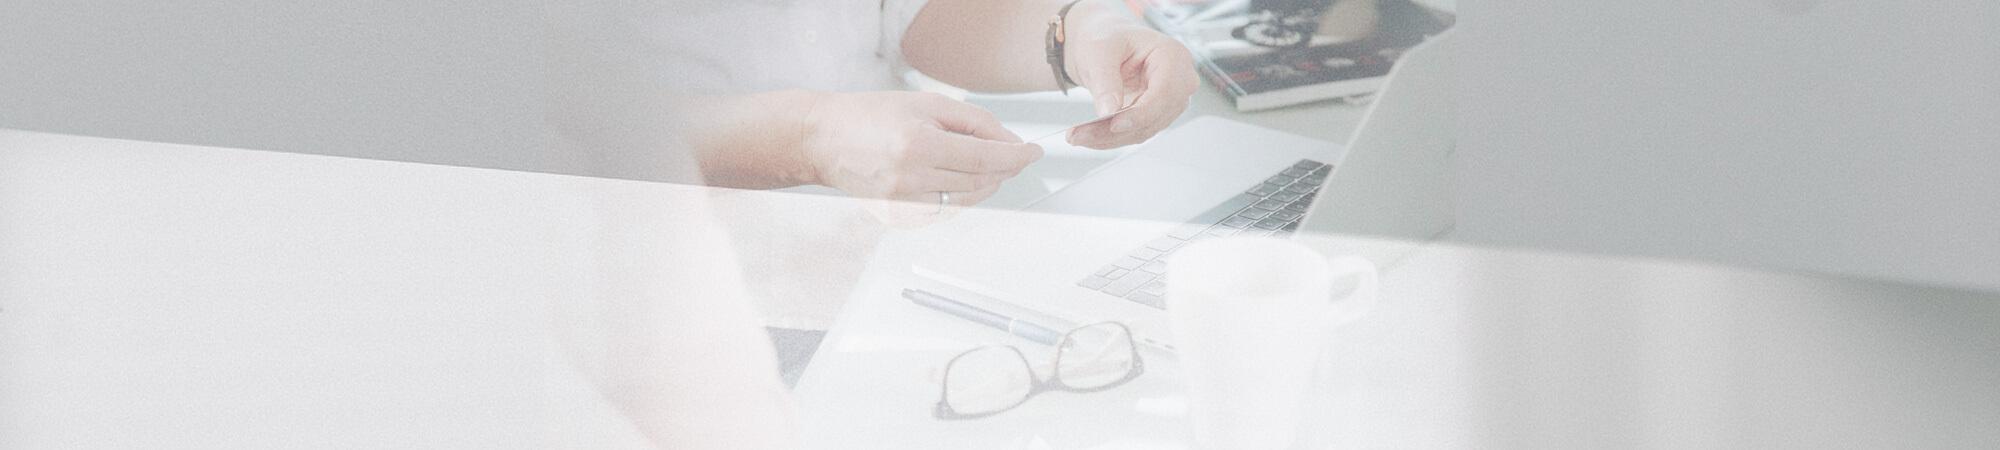 Headermotiv der Startseite von der Werbeagentur Rathje grafik und design